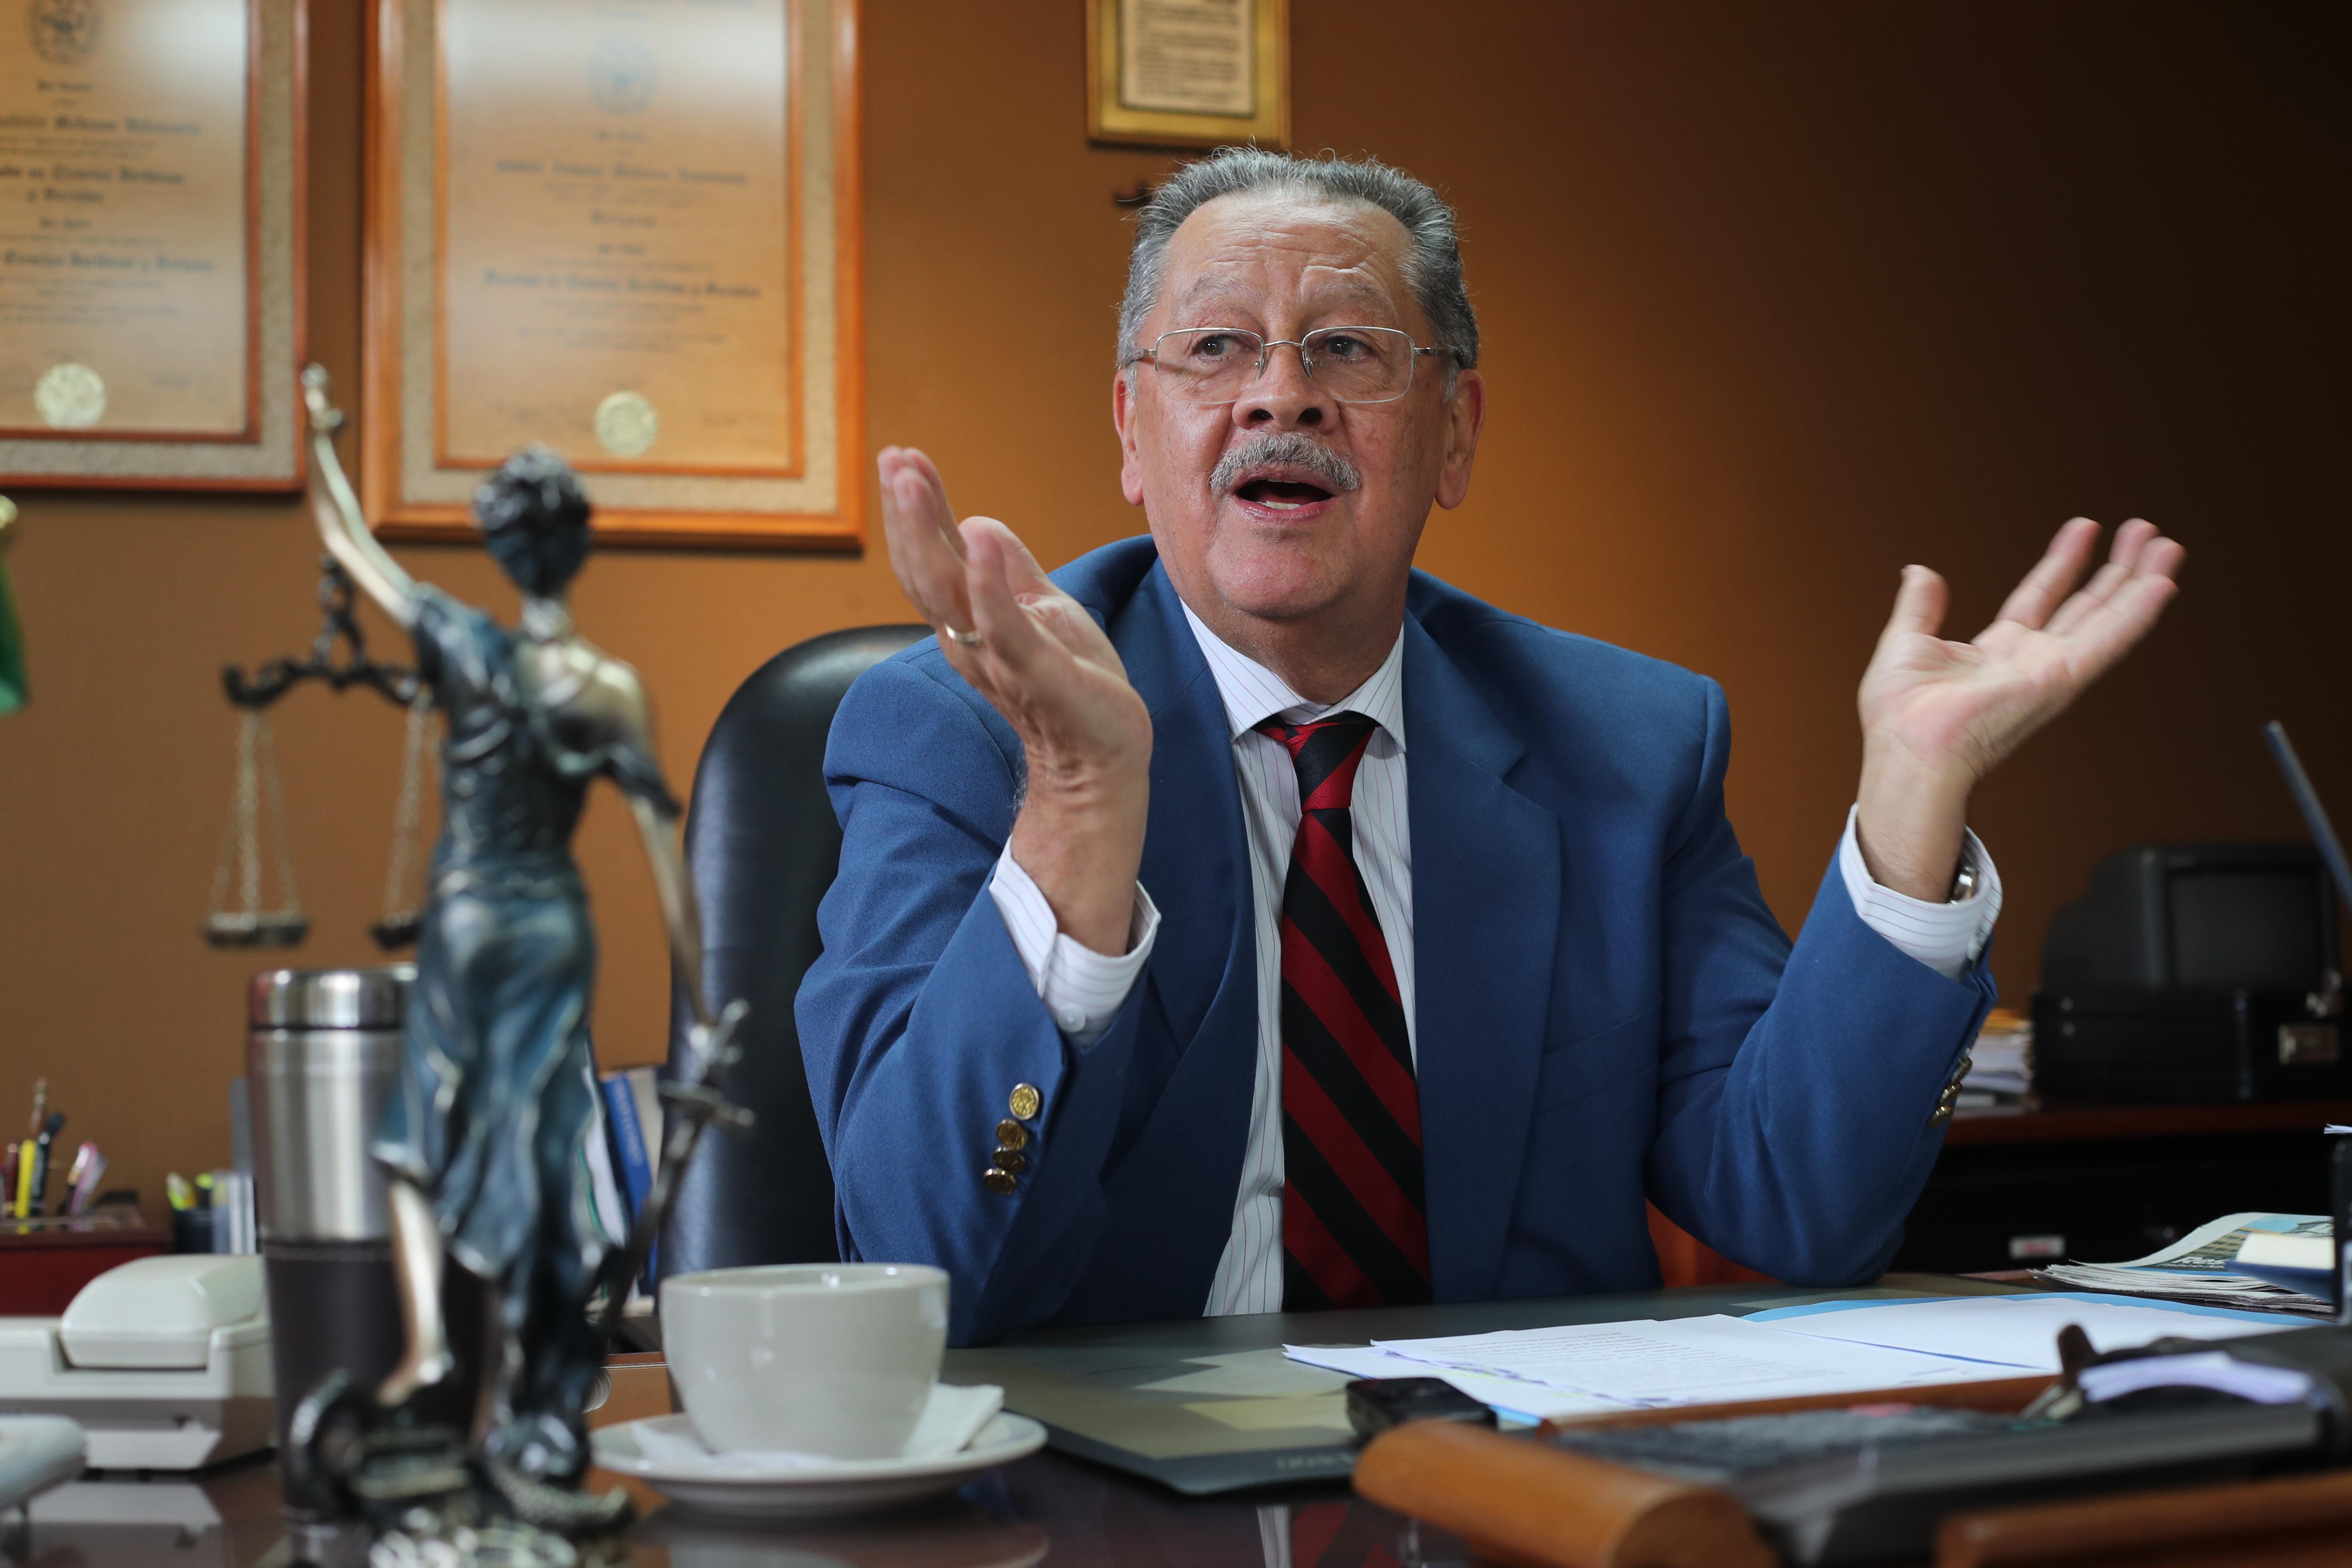 El exmagistrado Gabriel Medrano Valenzuela explica la situación del país durante el proceso electoral. (Foto Prensa Libre: Érick Ávila )